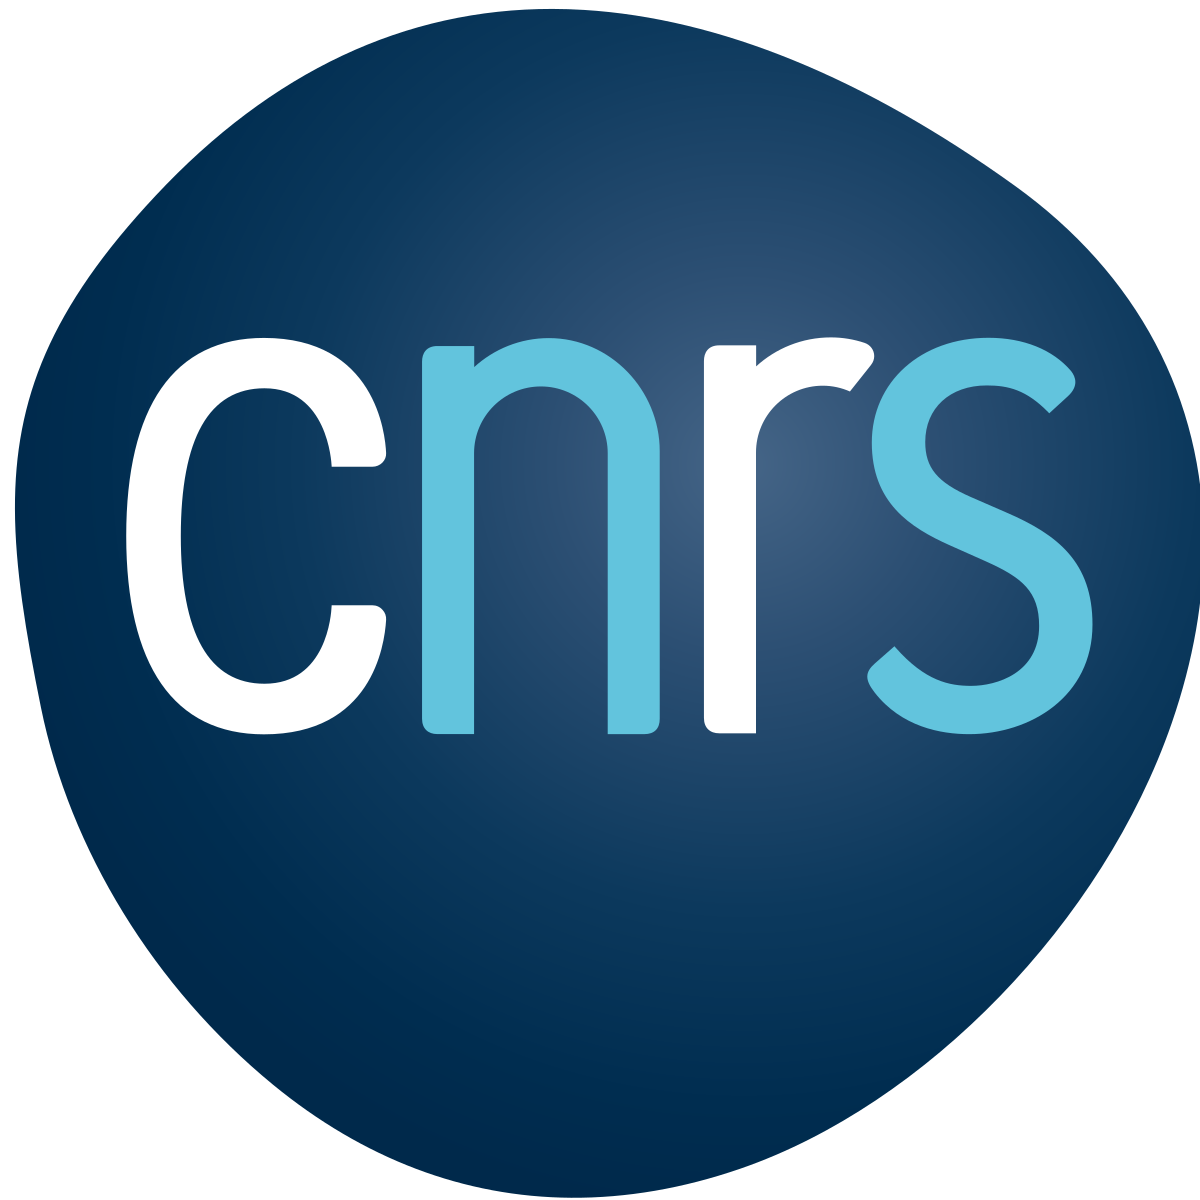 Logo de Centre national de la recherche scientifique (CNRS) Bretagne et Pays de la Loire